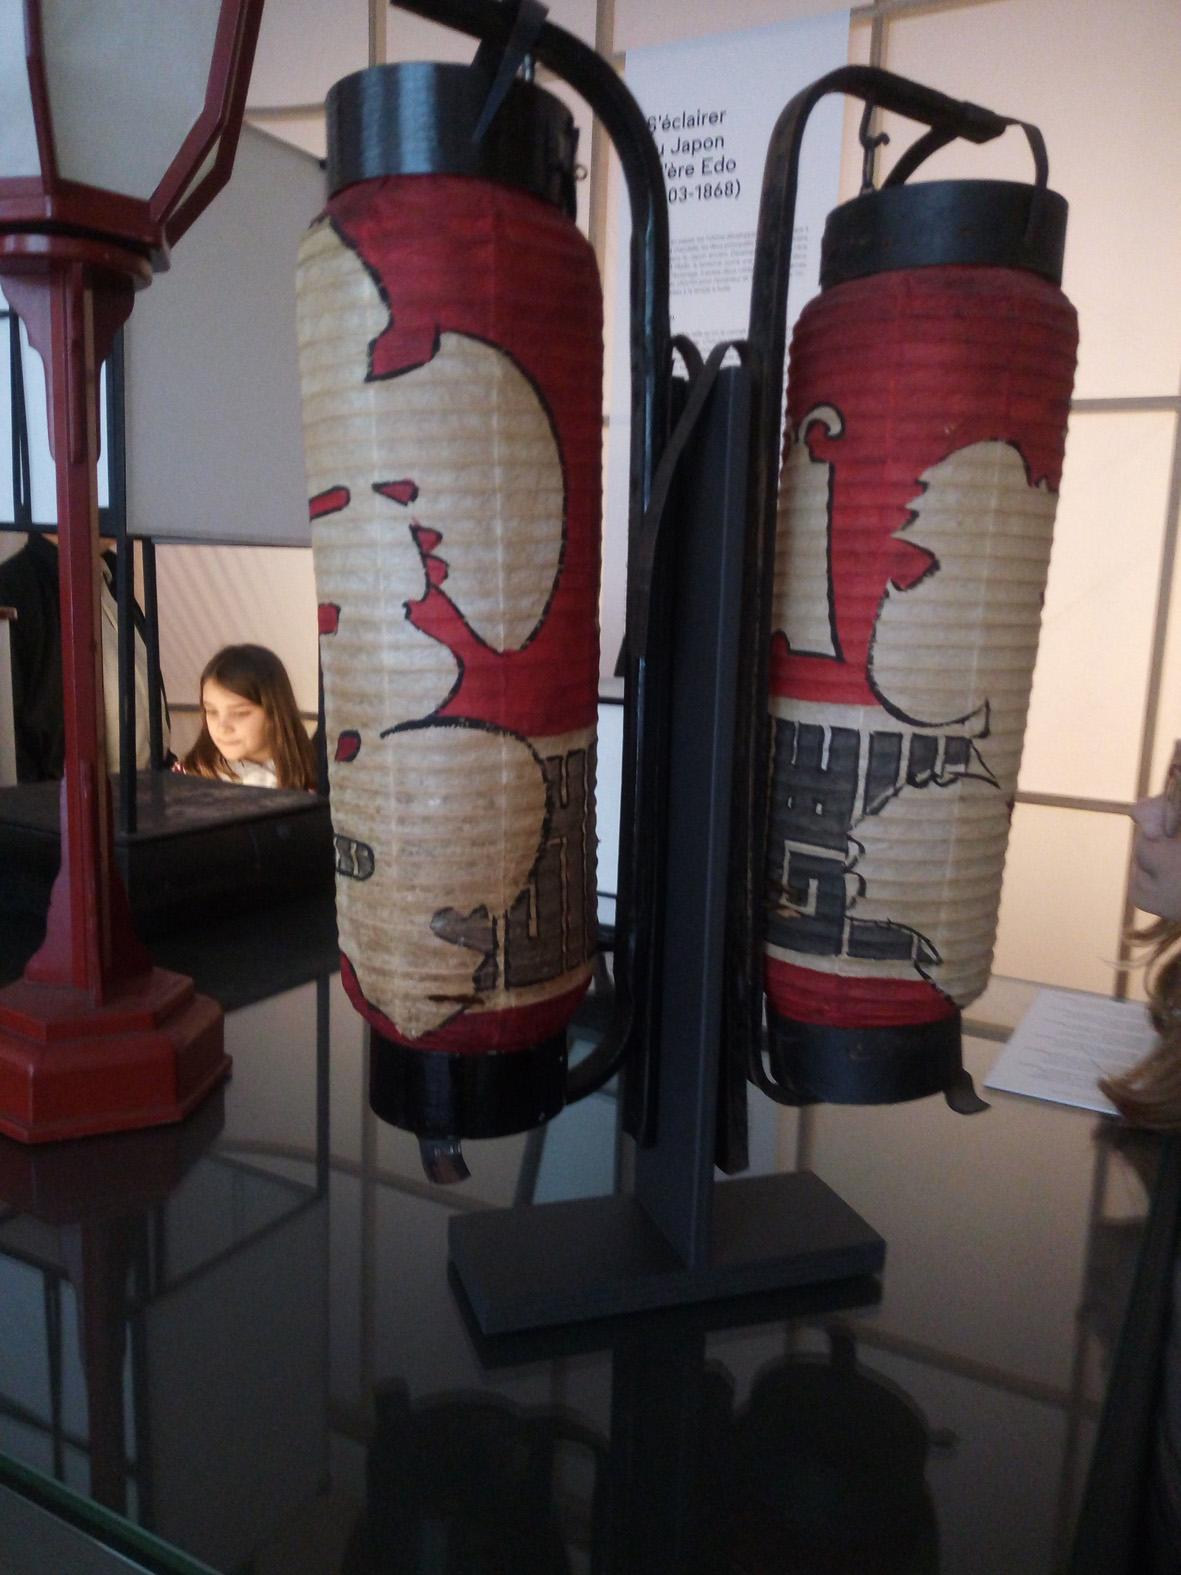 ancien éclairage avec lampe à huile( photos P. Guillot)